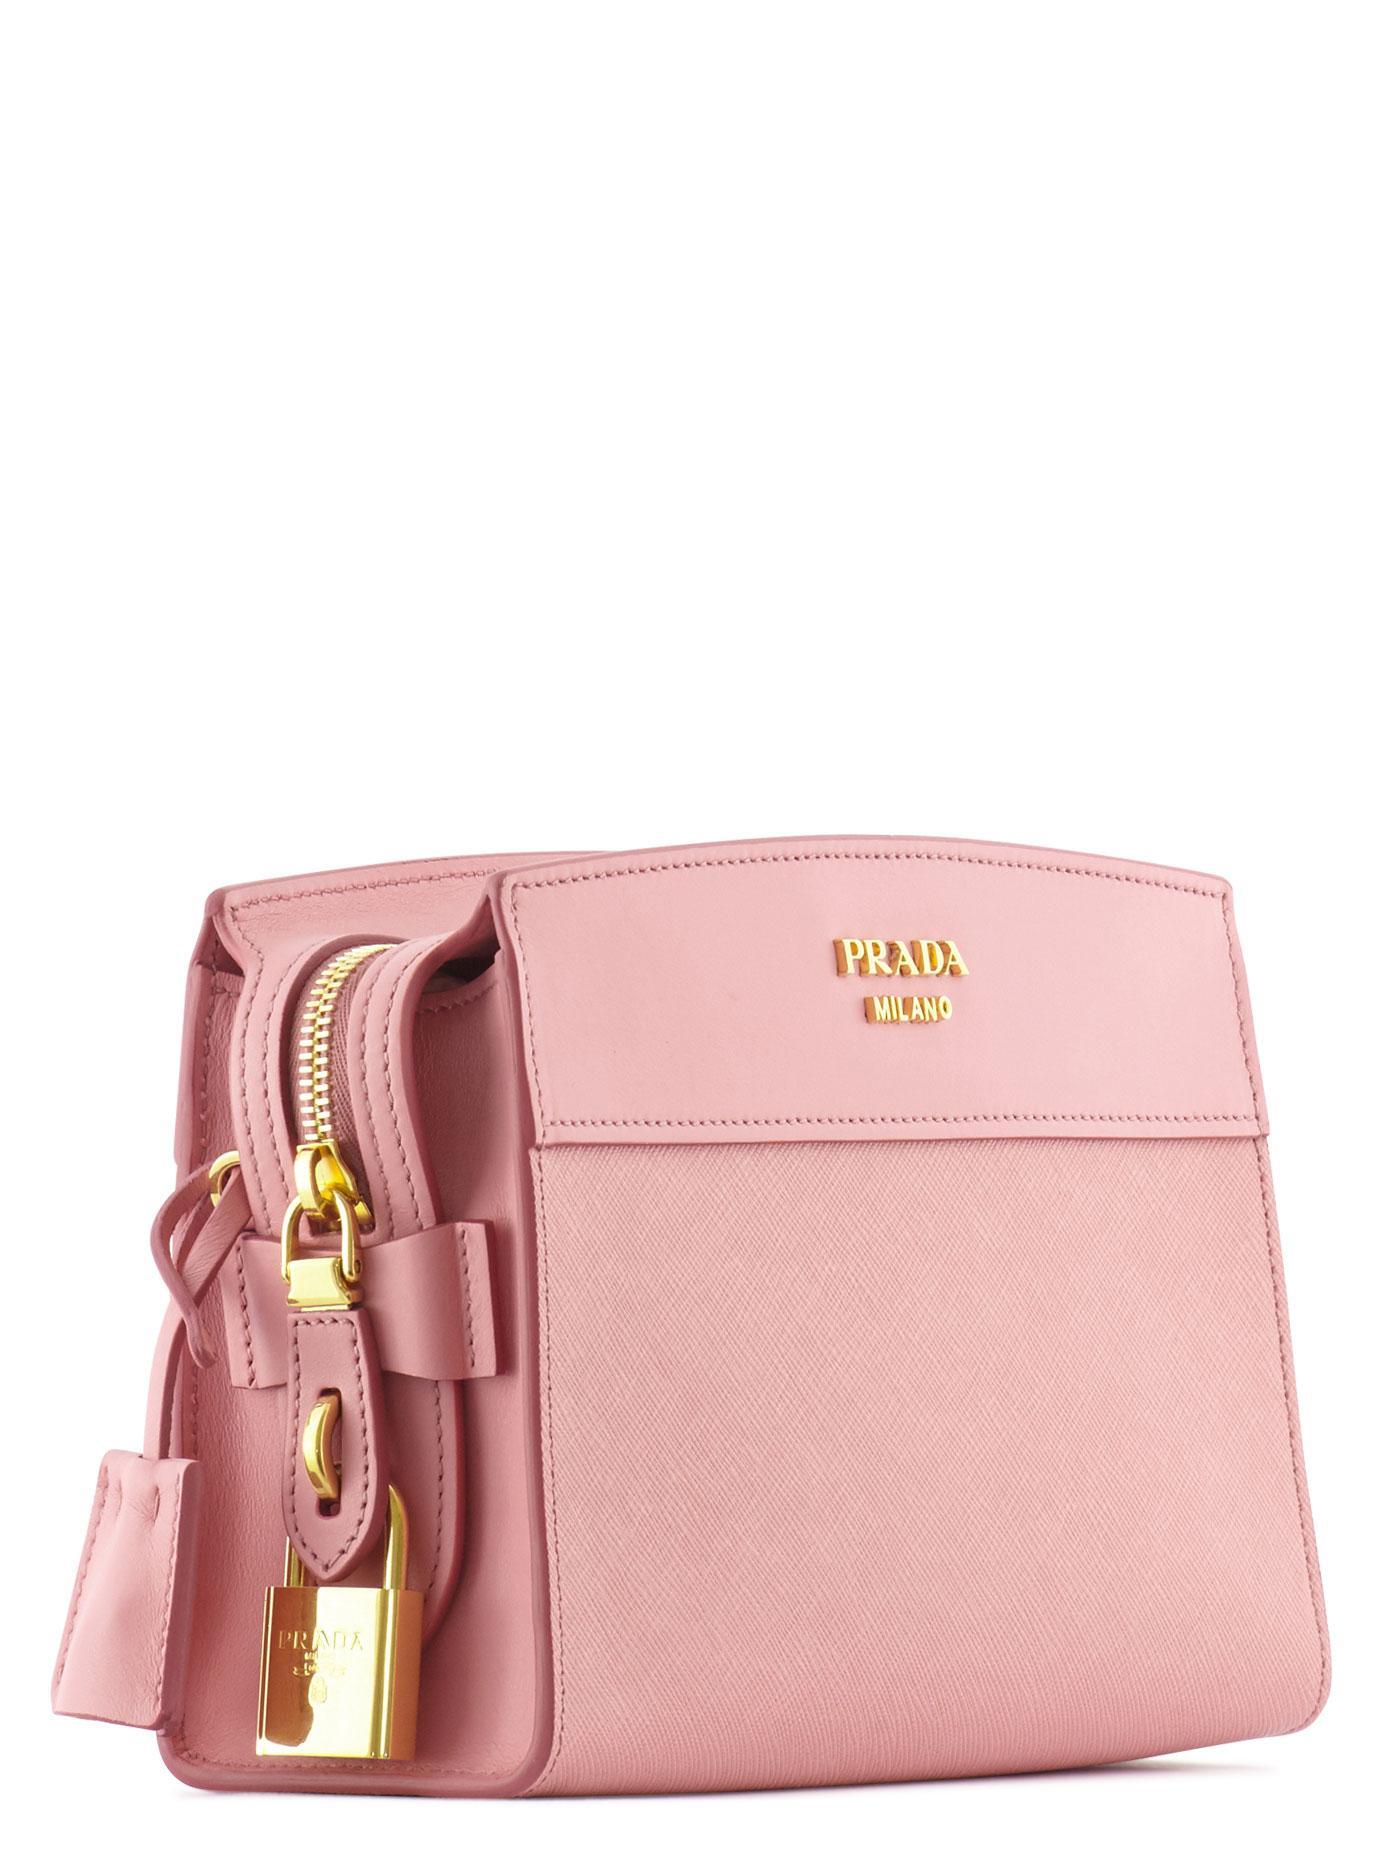 fe28aeab0b2756 Prada Esplanade Crossbody Bag in Pink - Lyst